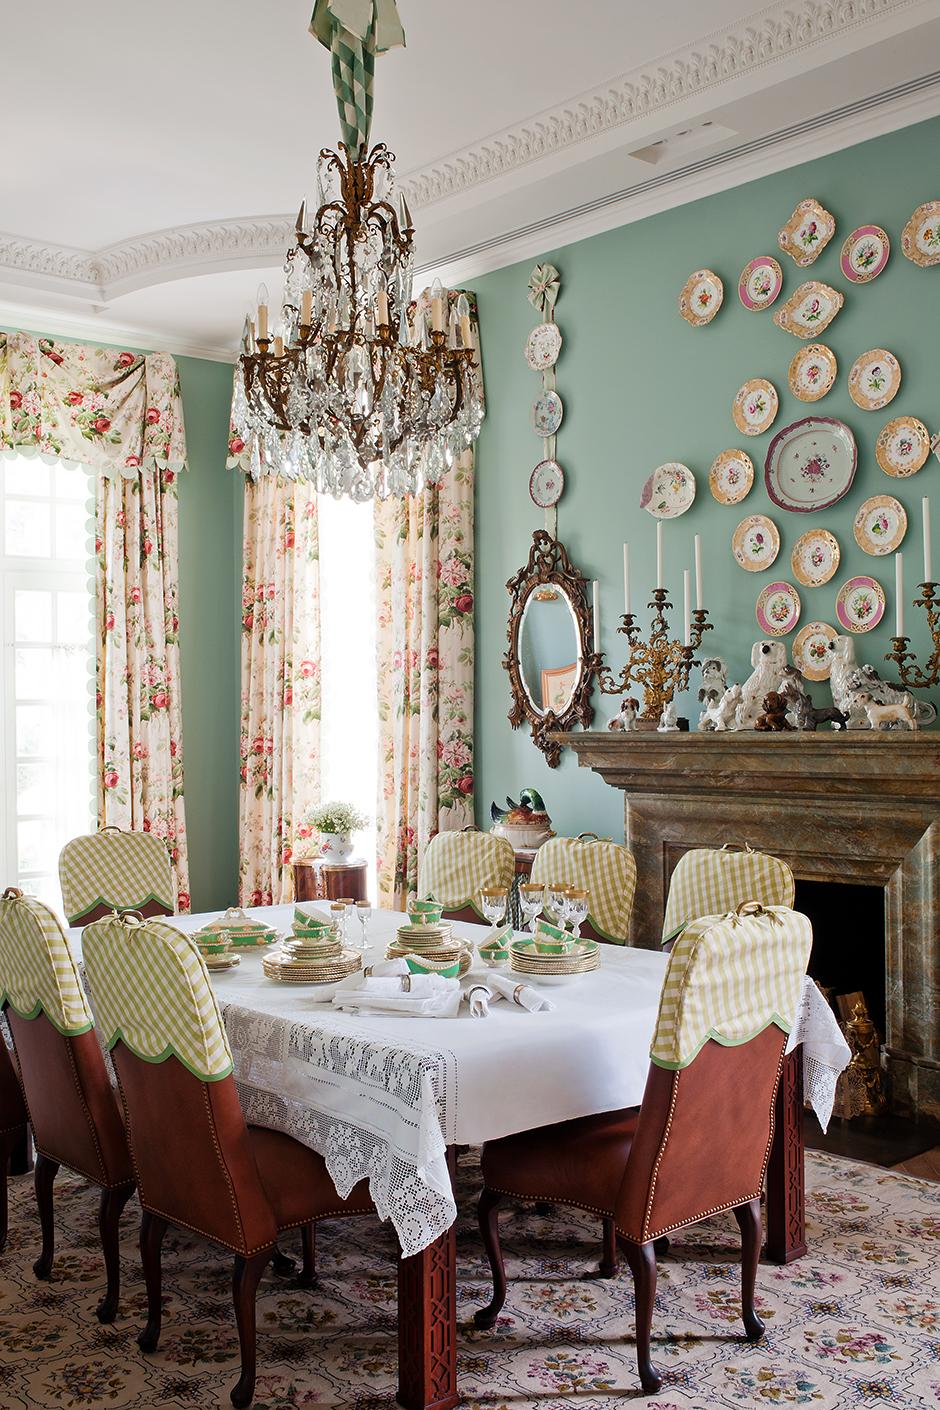 Обои в цветочек в столовой: 25+ вдохновляющих примеров (галерея 1, фото 3)